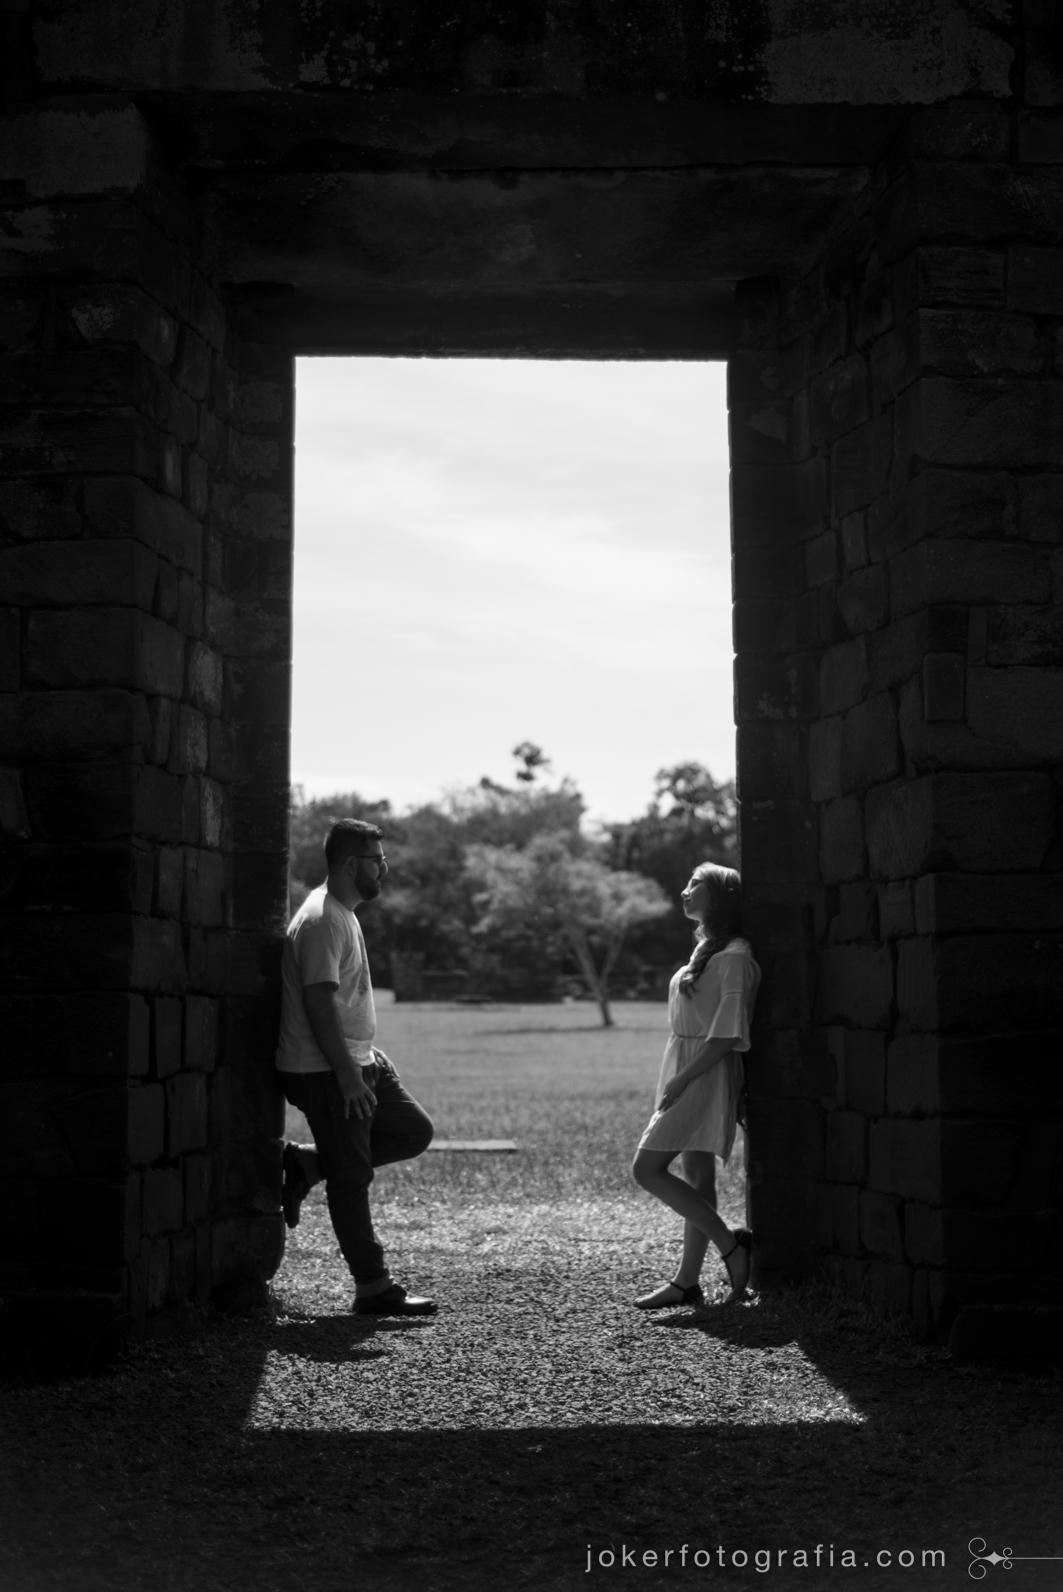 compondo fotos com luz e sombra